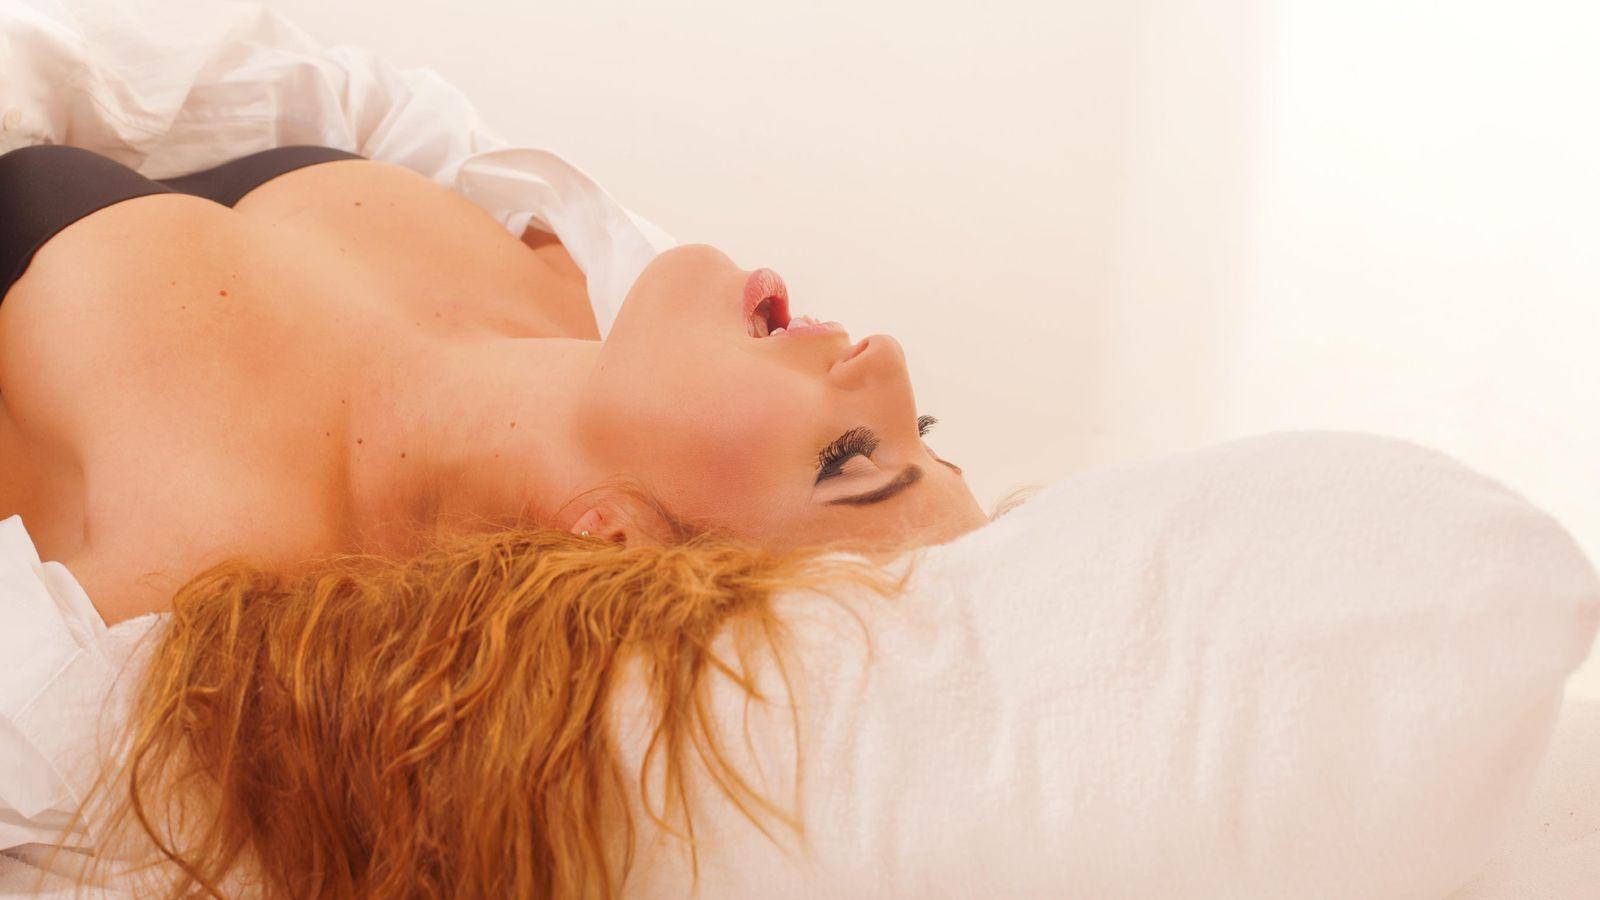 Foto: El truco de la almohada para elevar ligeramente a la mujer durante la penetración, no falla. (iStock)